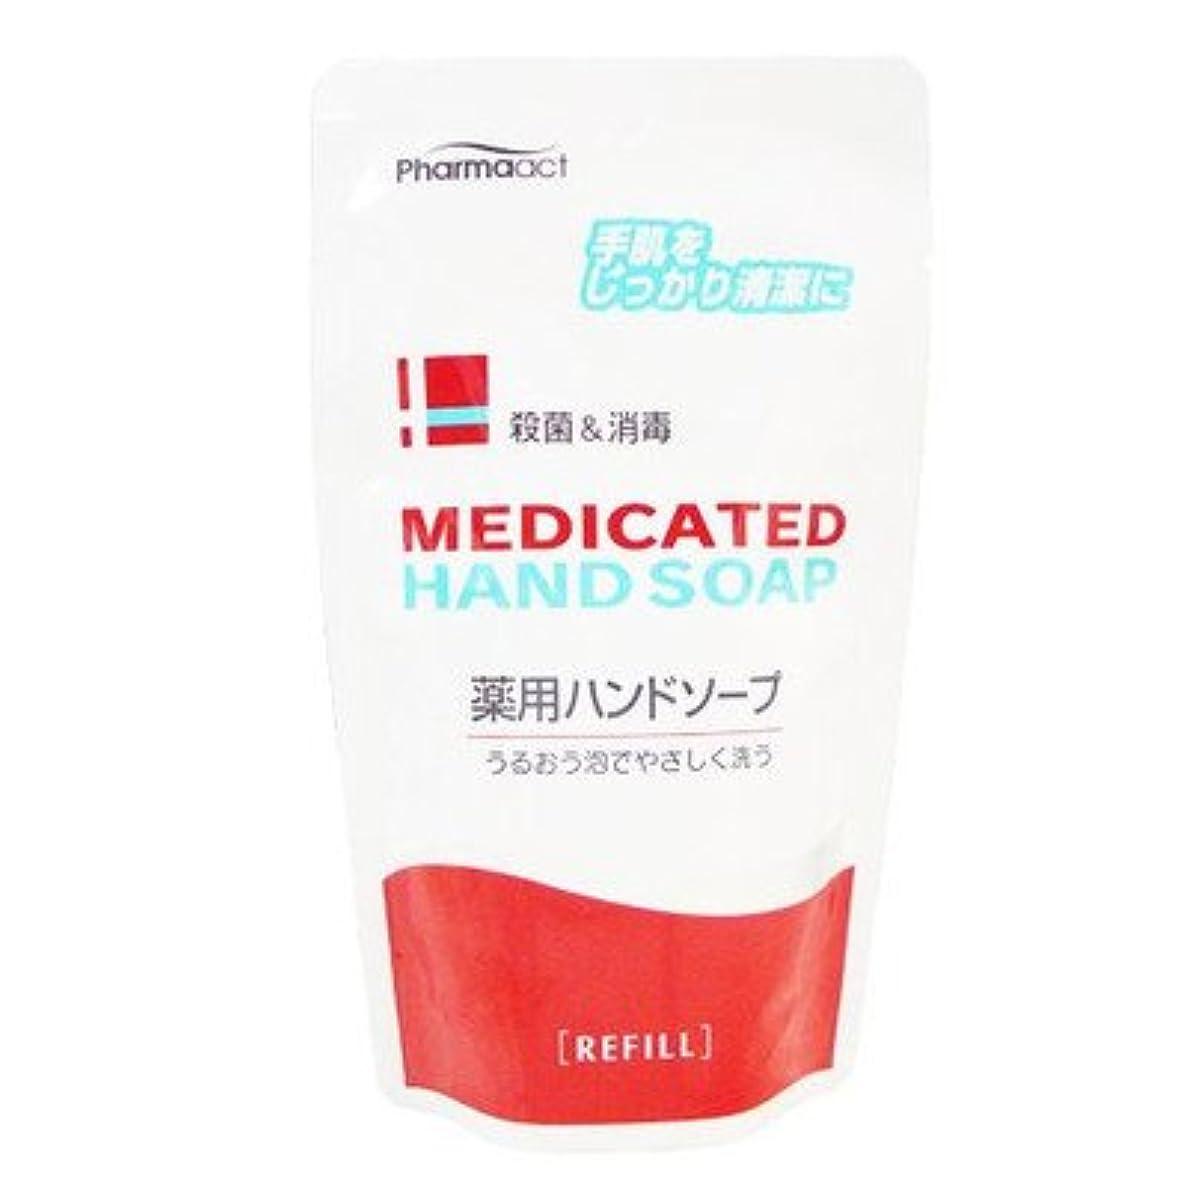 食用対応調整するMedicated 薬用ハンドソープ 殺菌+消毒 200ml【つめかえ用】(医薬部外品)